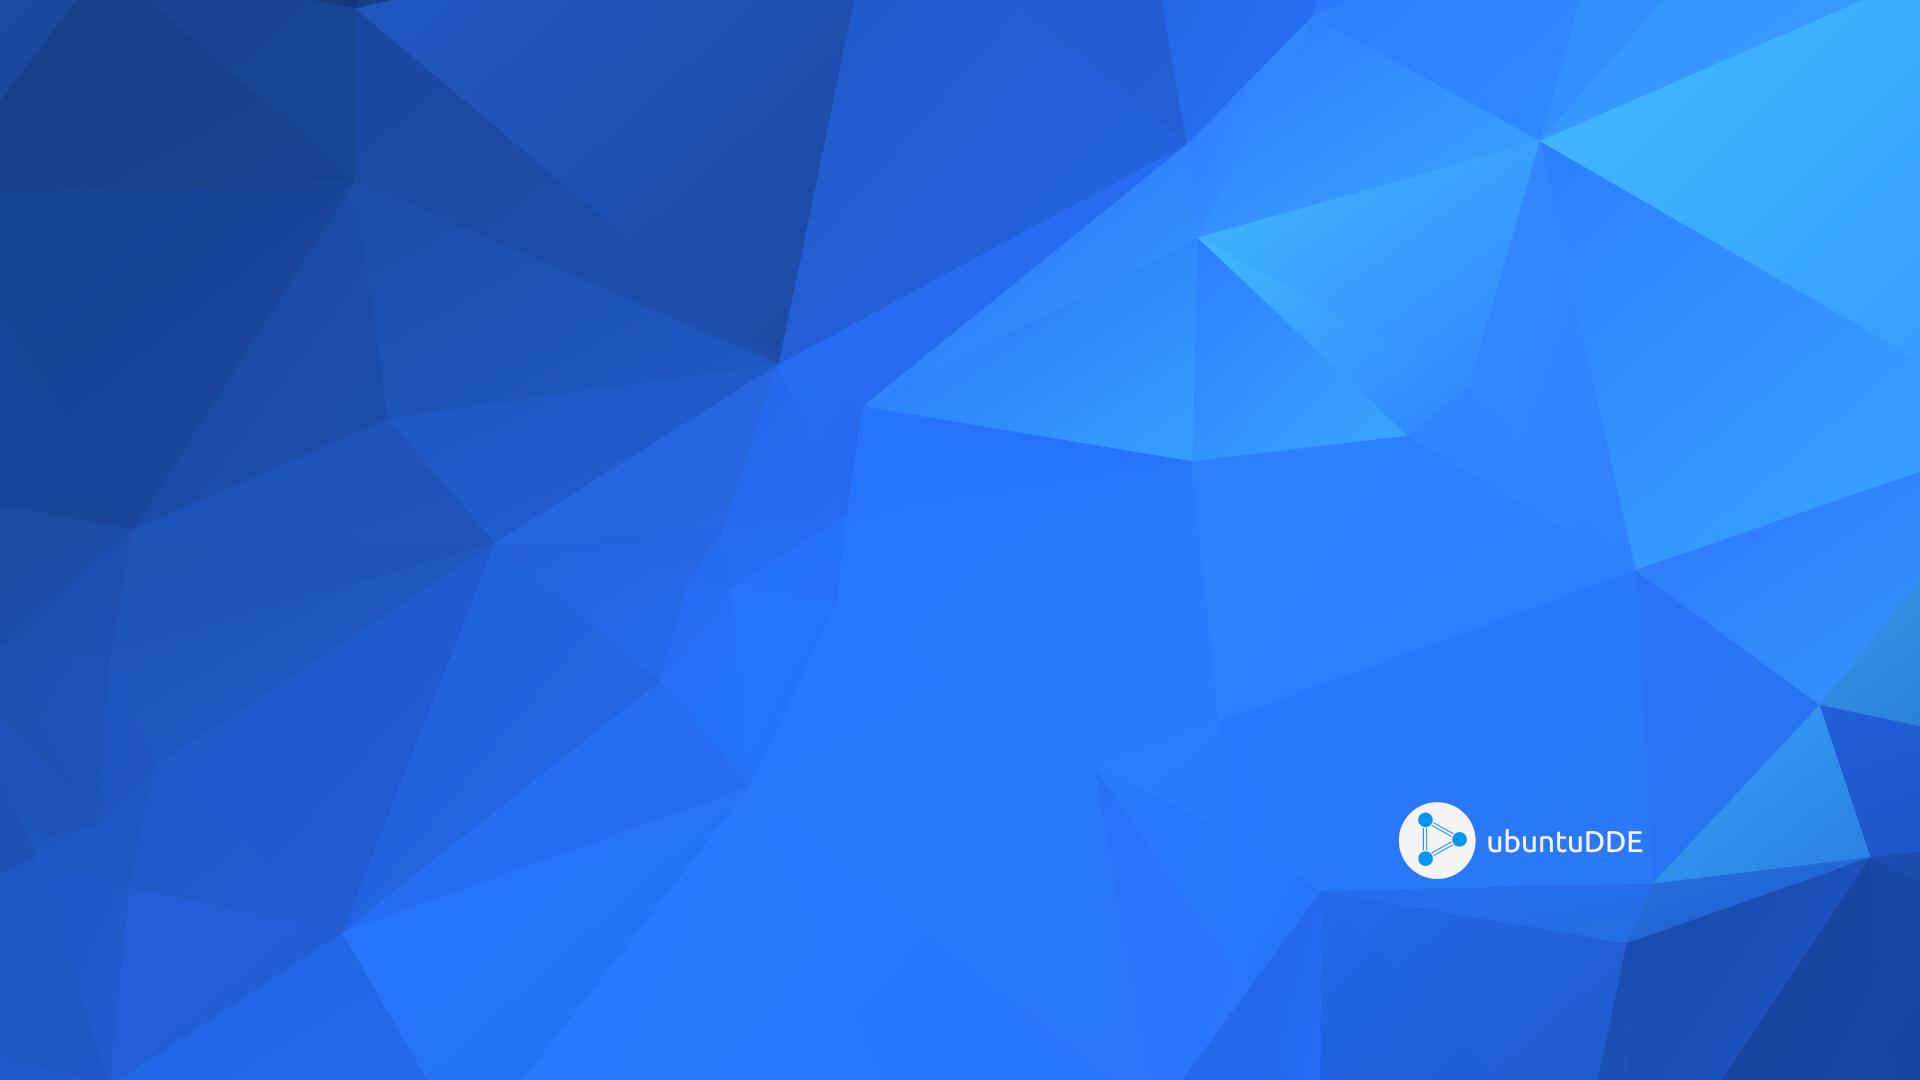 UbuntuDDE замечательный гибрид